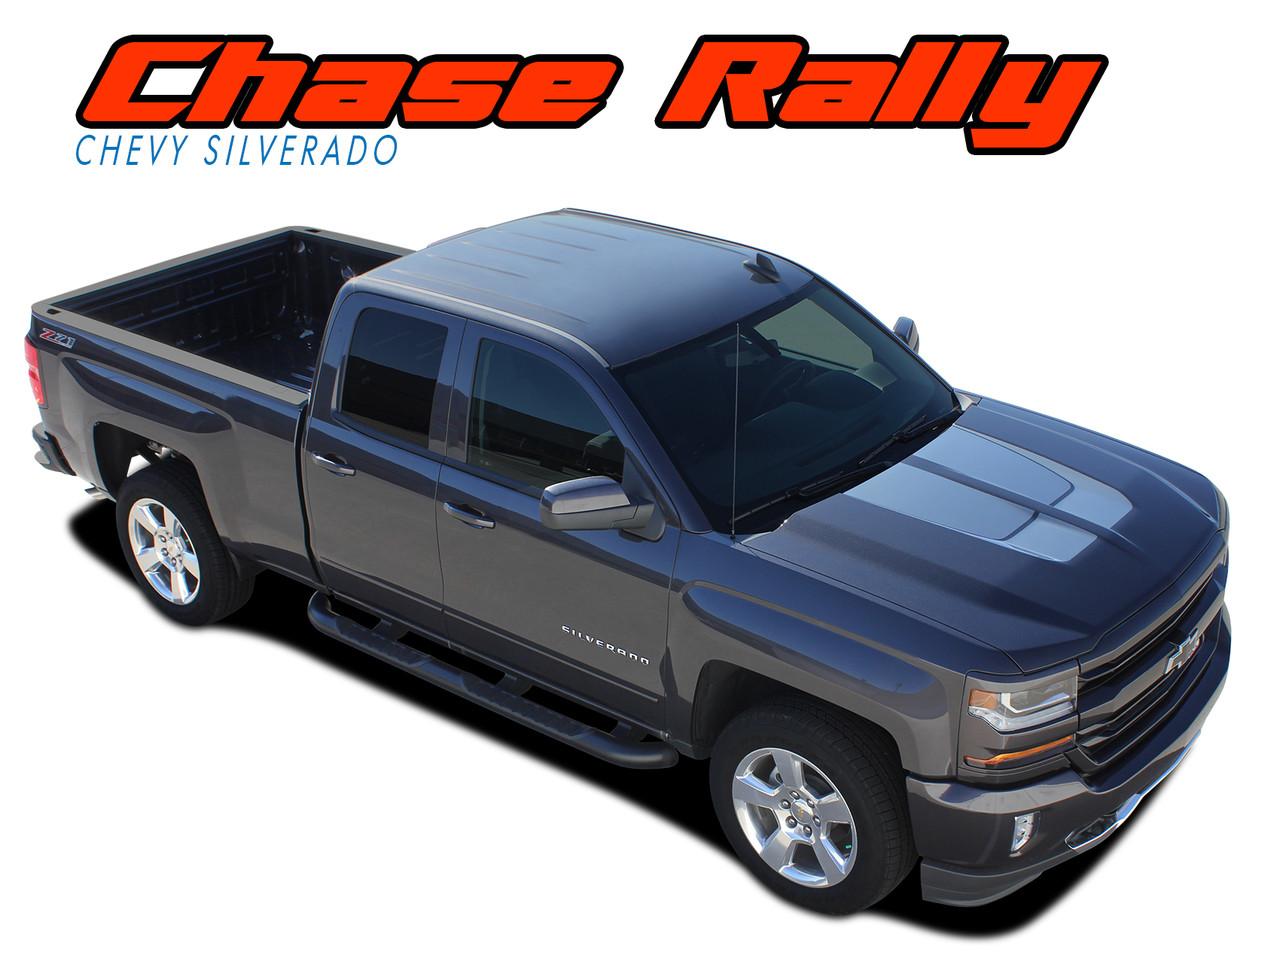 Chase Rally Silverado Stripes Silverado Decals Silverado Graphics